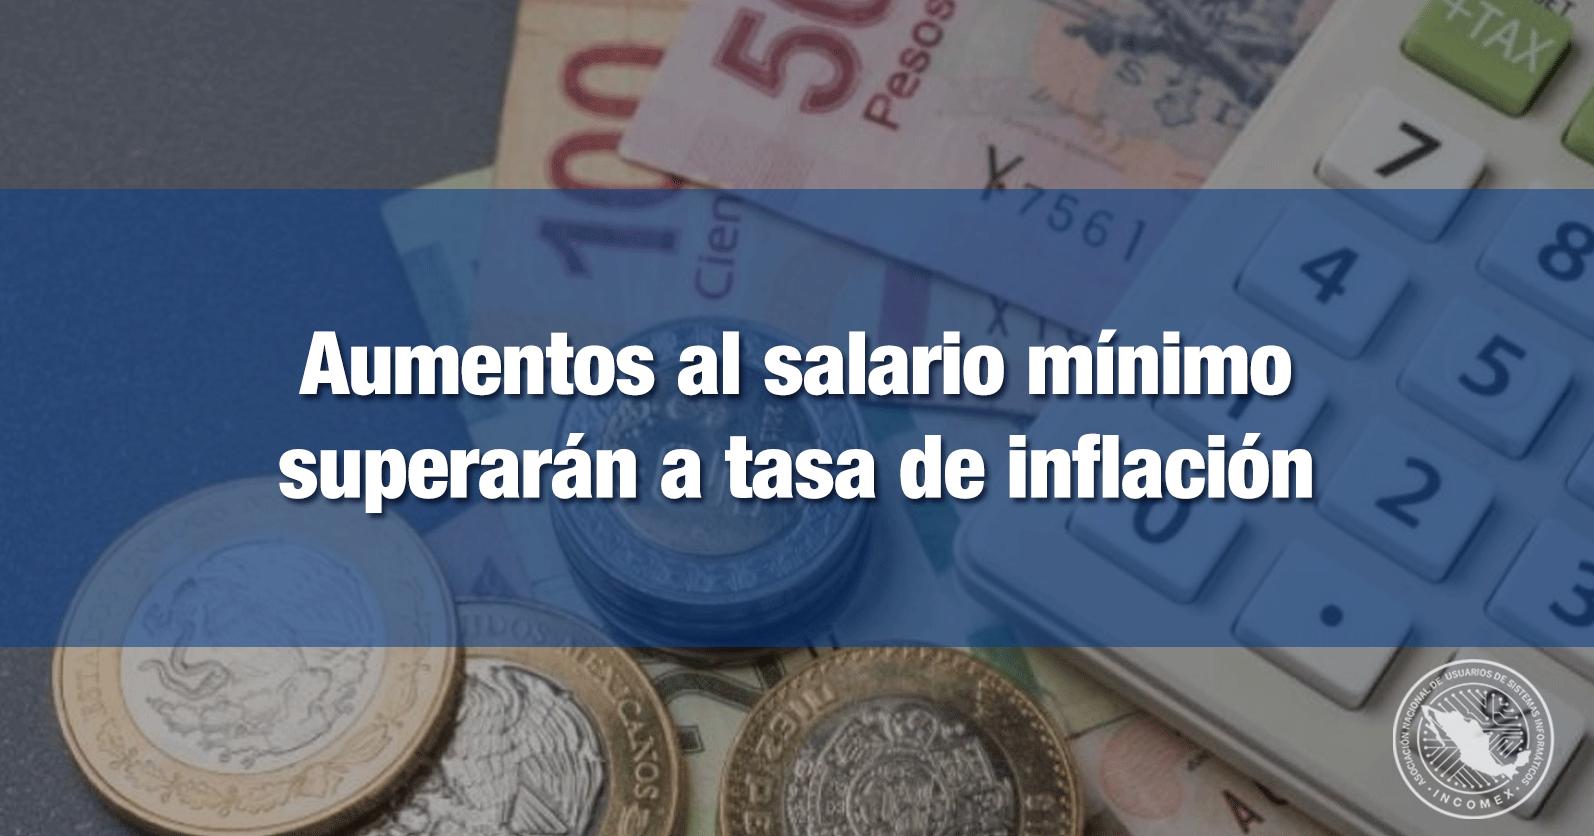 Aumentos al salario mínimo superarán a tasa de inflación